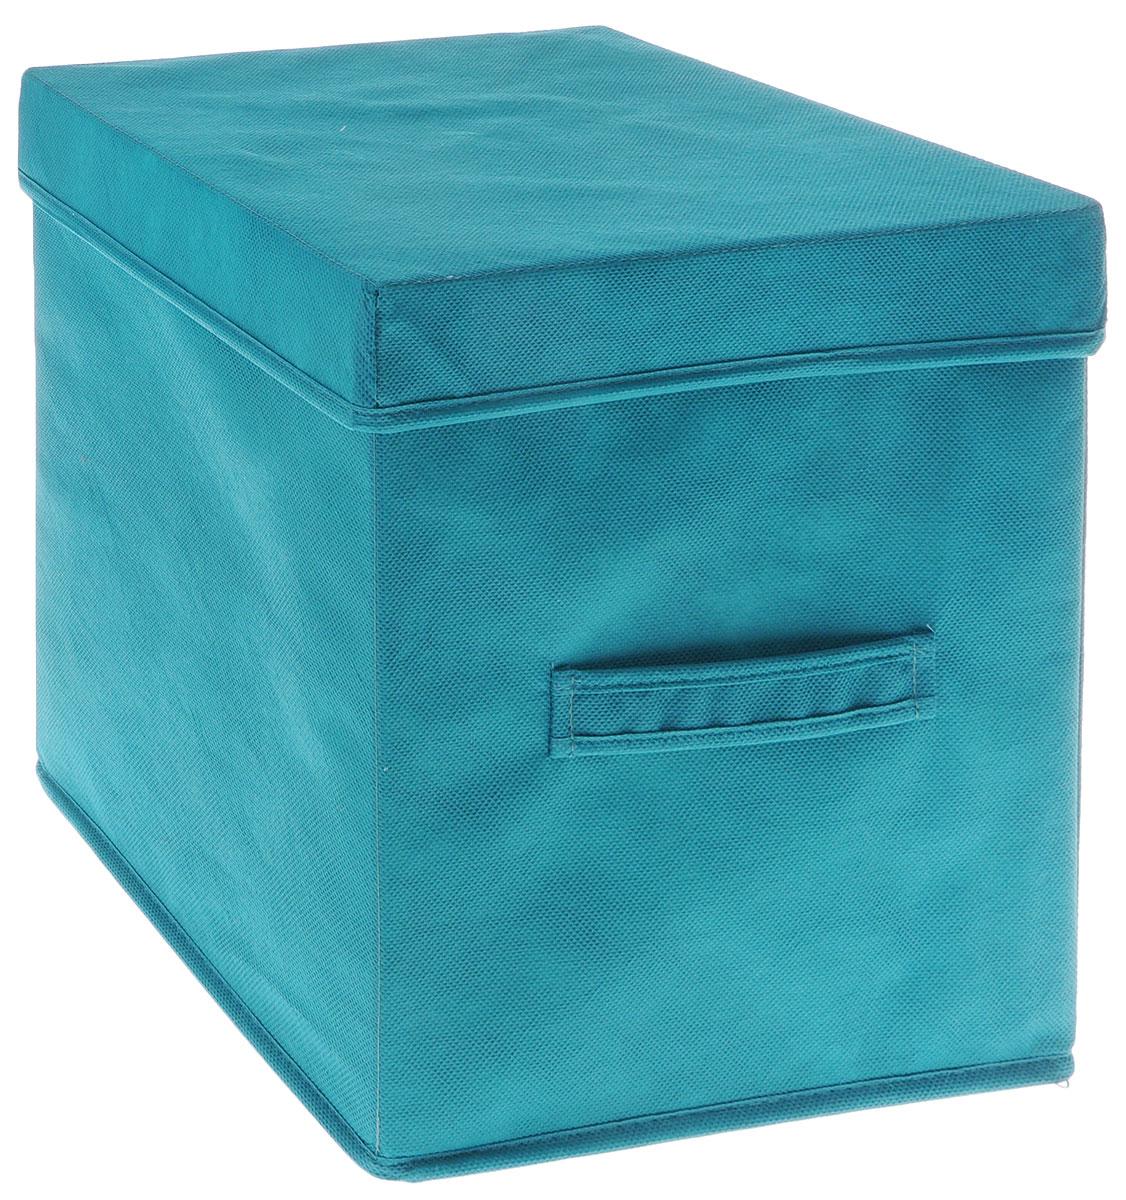 Коробка для вещей и игрушек Все на местах Minimalistic, с крышкой, цвет: бирюзовый, 30 х 30 х 30 см1012036Коробка с крышкой Minimalistic выполнена из высококачественного нетканого материала, который обеспечивает естественную вентиляцию и предназначен для хранения вещей или игрушек.Он защитит вещи от повреждений, пыли, влаги и загрязнений во время хранения и транспортировки. Размер коробки: 30 х 30 х 30 см.